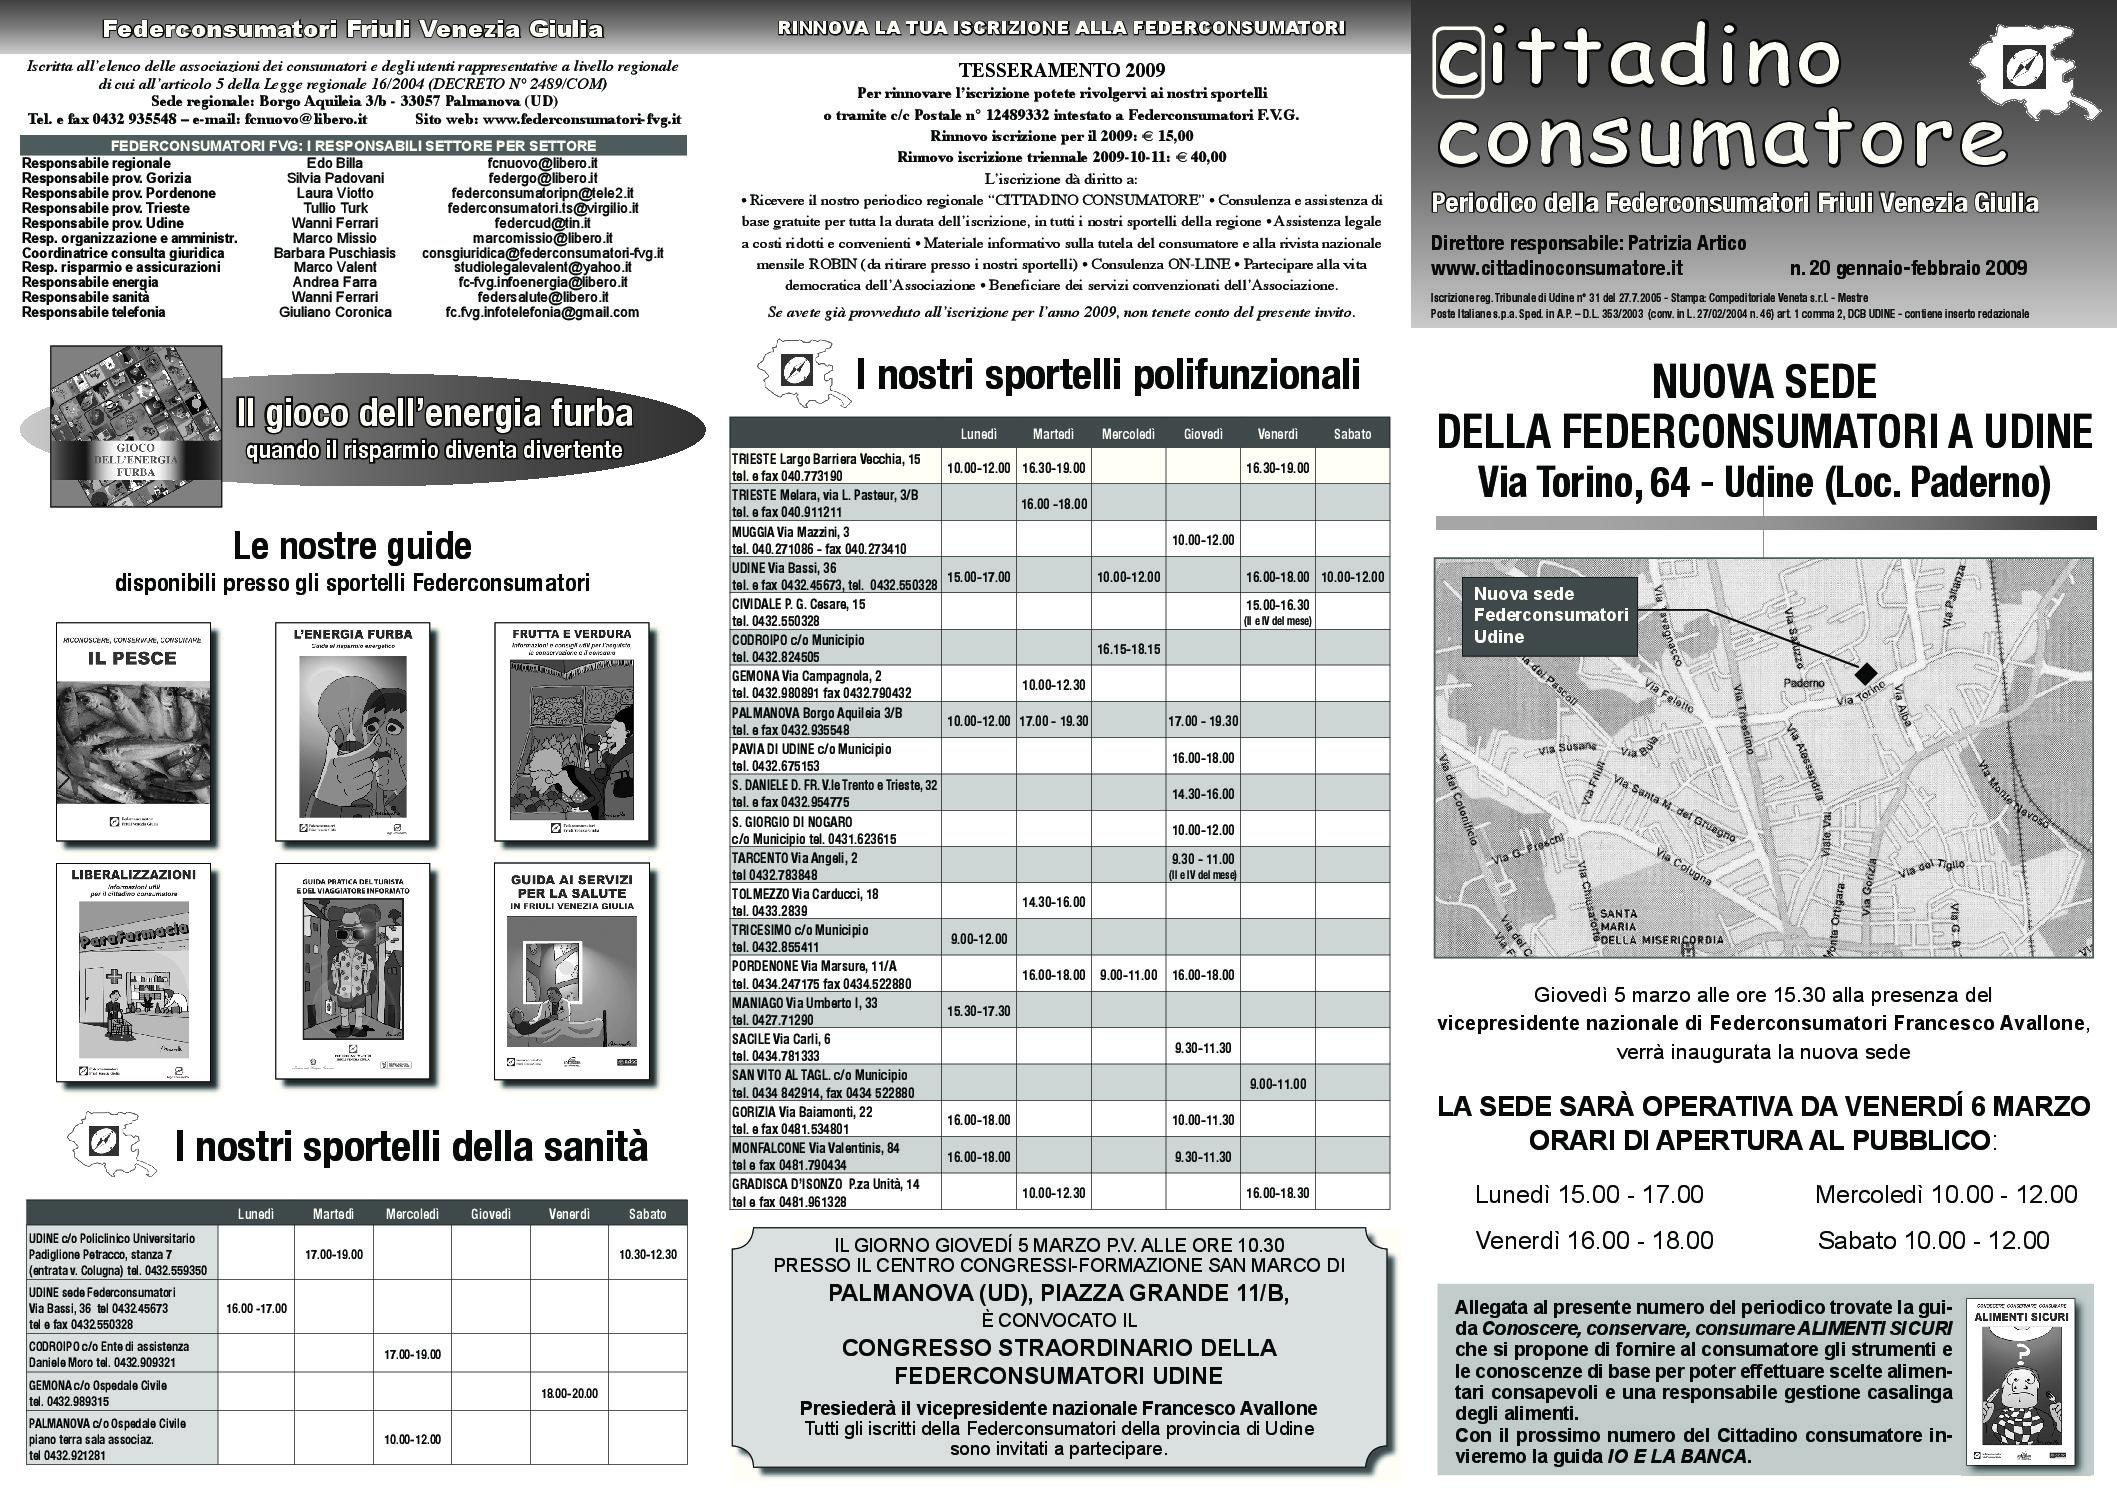 Cittadino Consumatore num. 20 (gen.-feb. 2009)